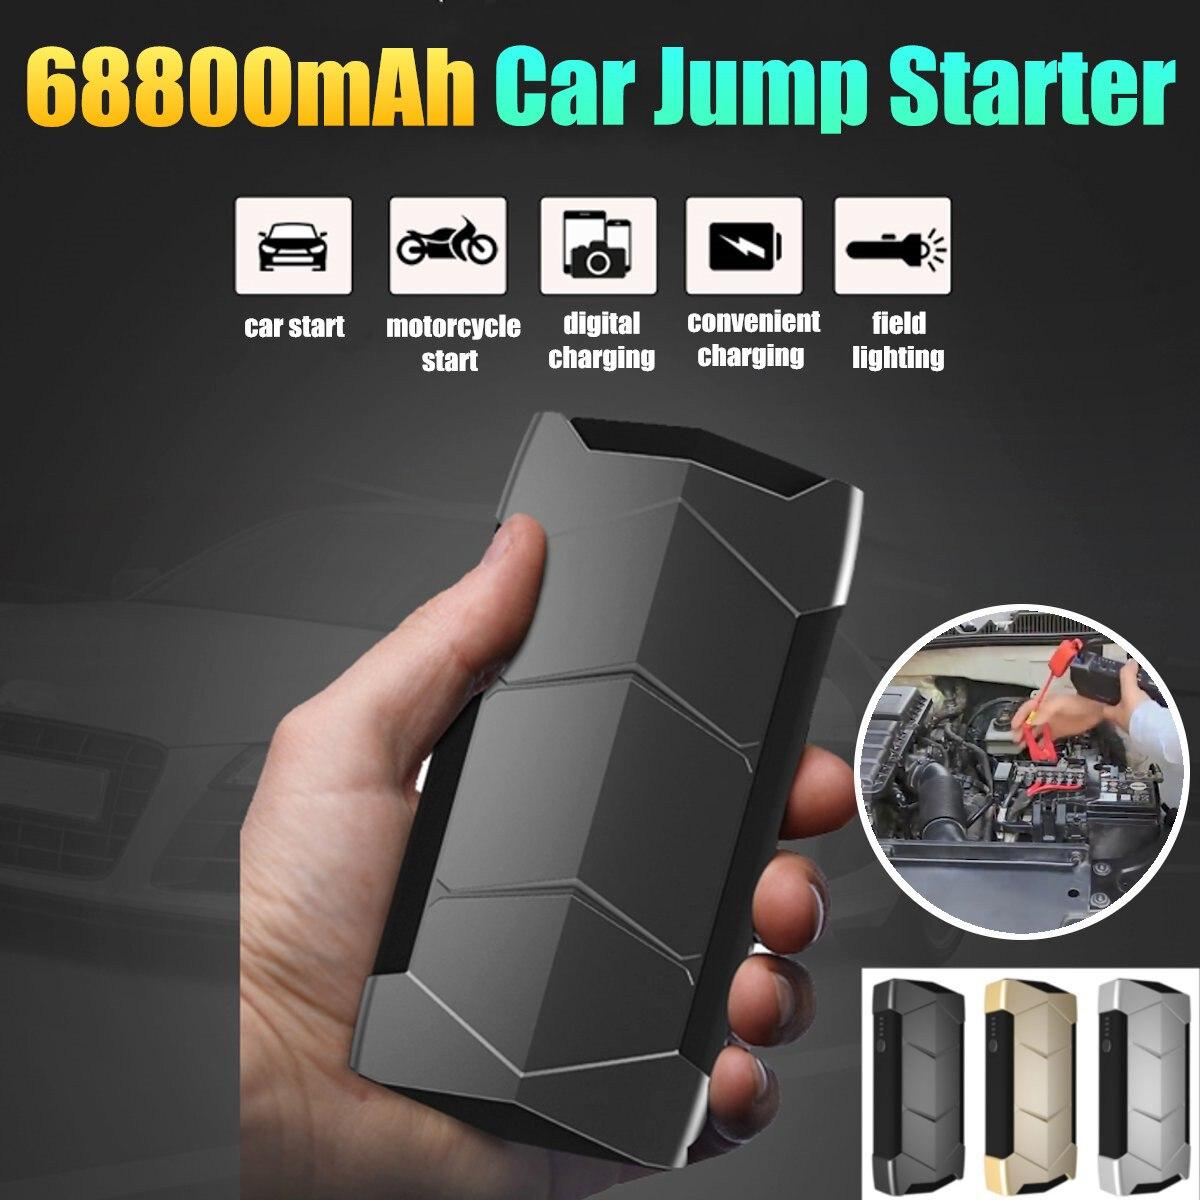 Haute Capacité 68800 mAh Voiture Saut Starte 400A 12 V Portable batterie externe De Voiture Démarreur pour la voiture amplificateur de batterie Chargeur Dispositif de Démarrage - 2